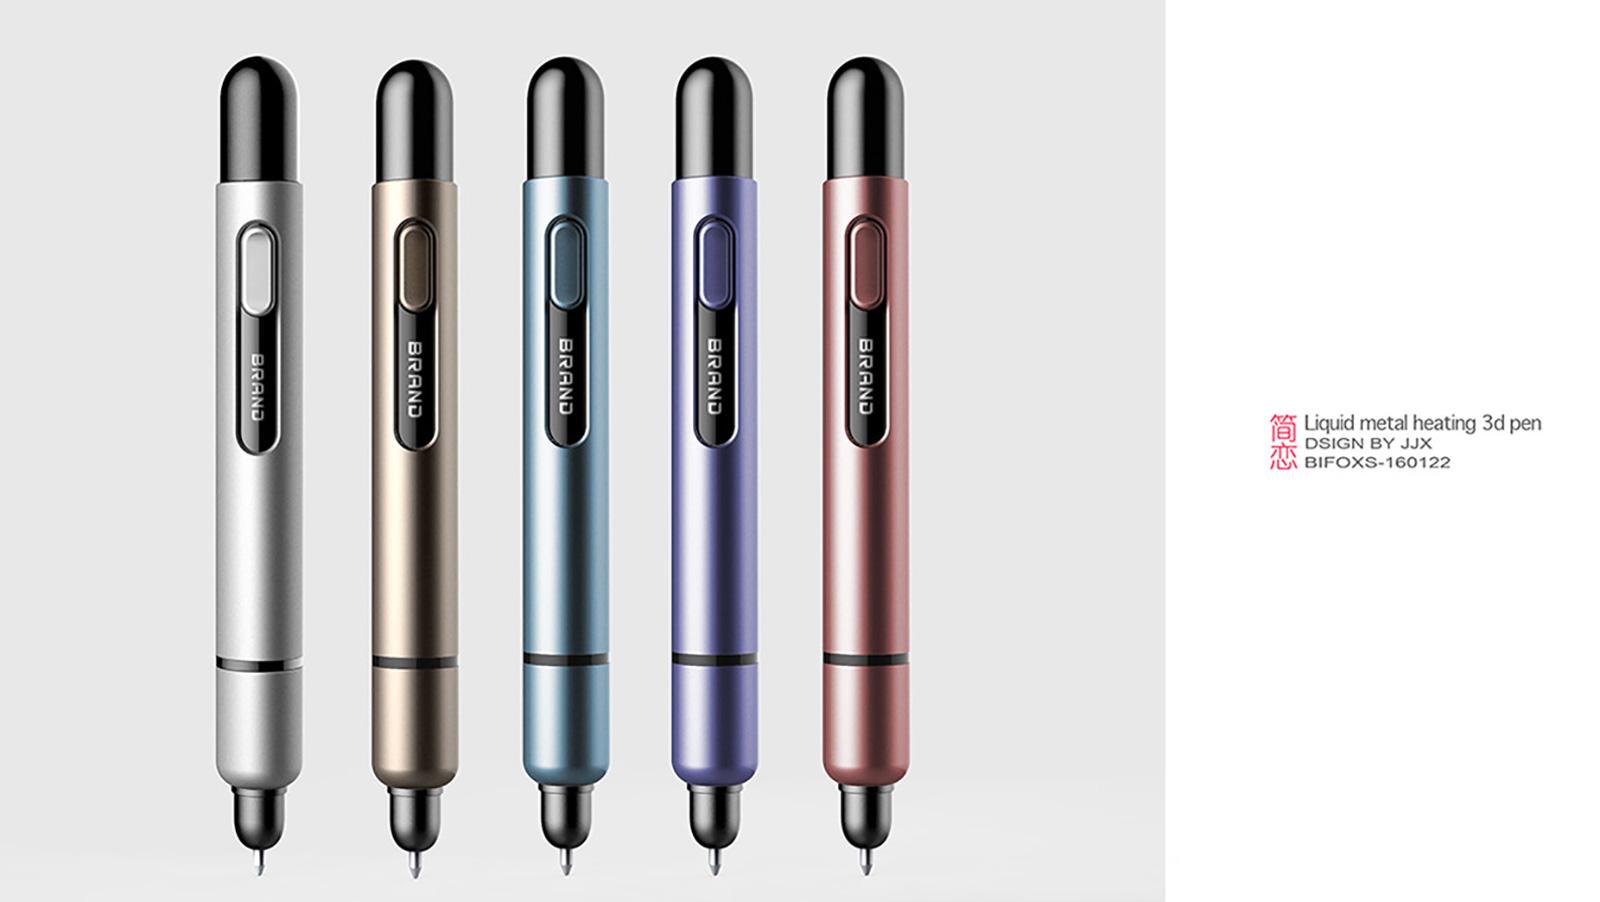 省时省力的液态金属电子笔设计,耐用使用寿命更长